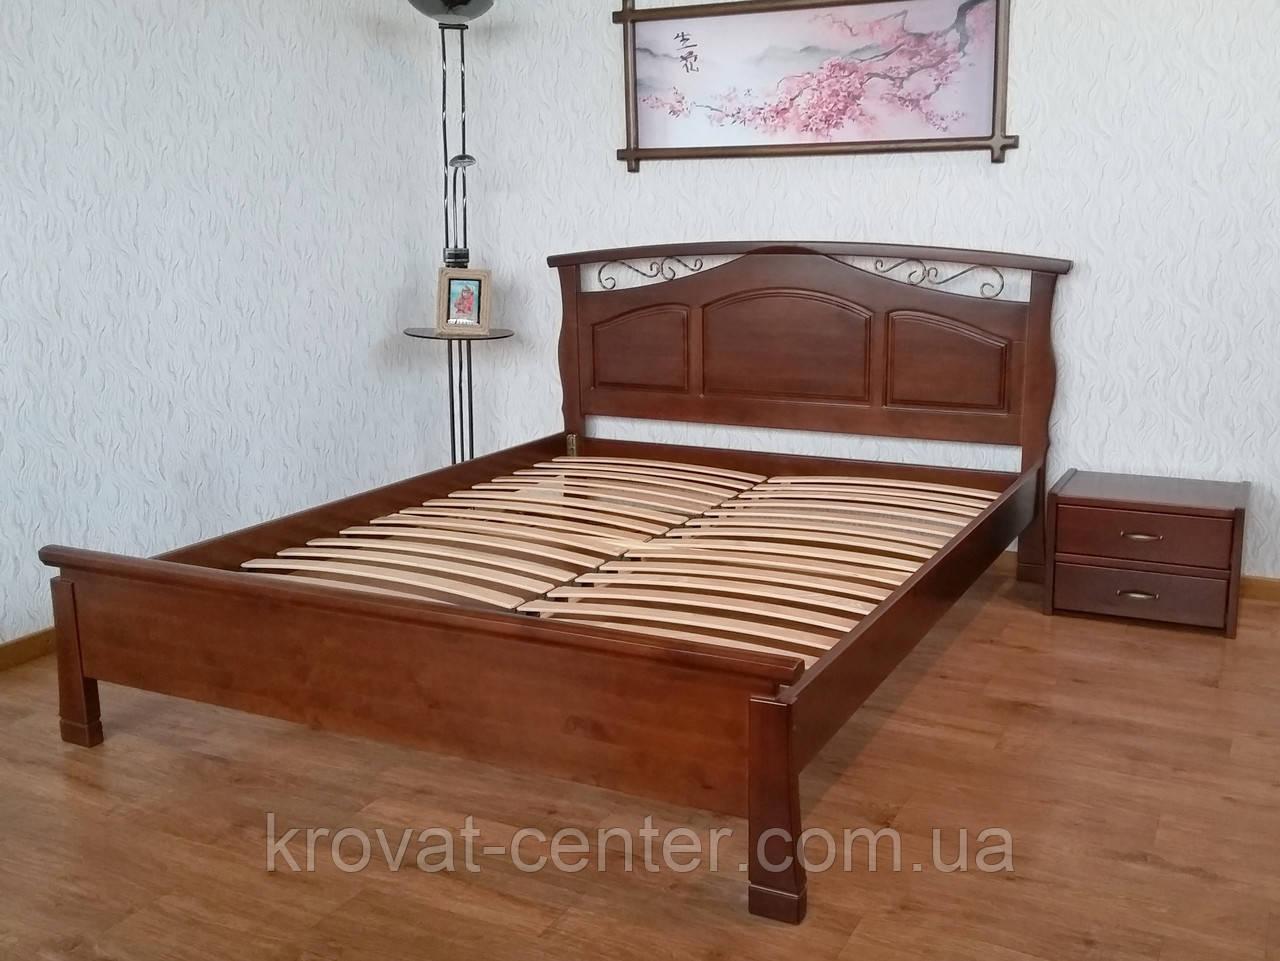 """Кровать двуспальная из массива дерева для спальни """"Марго"""" (цвет на выбор) от производителя"""